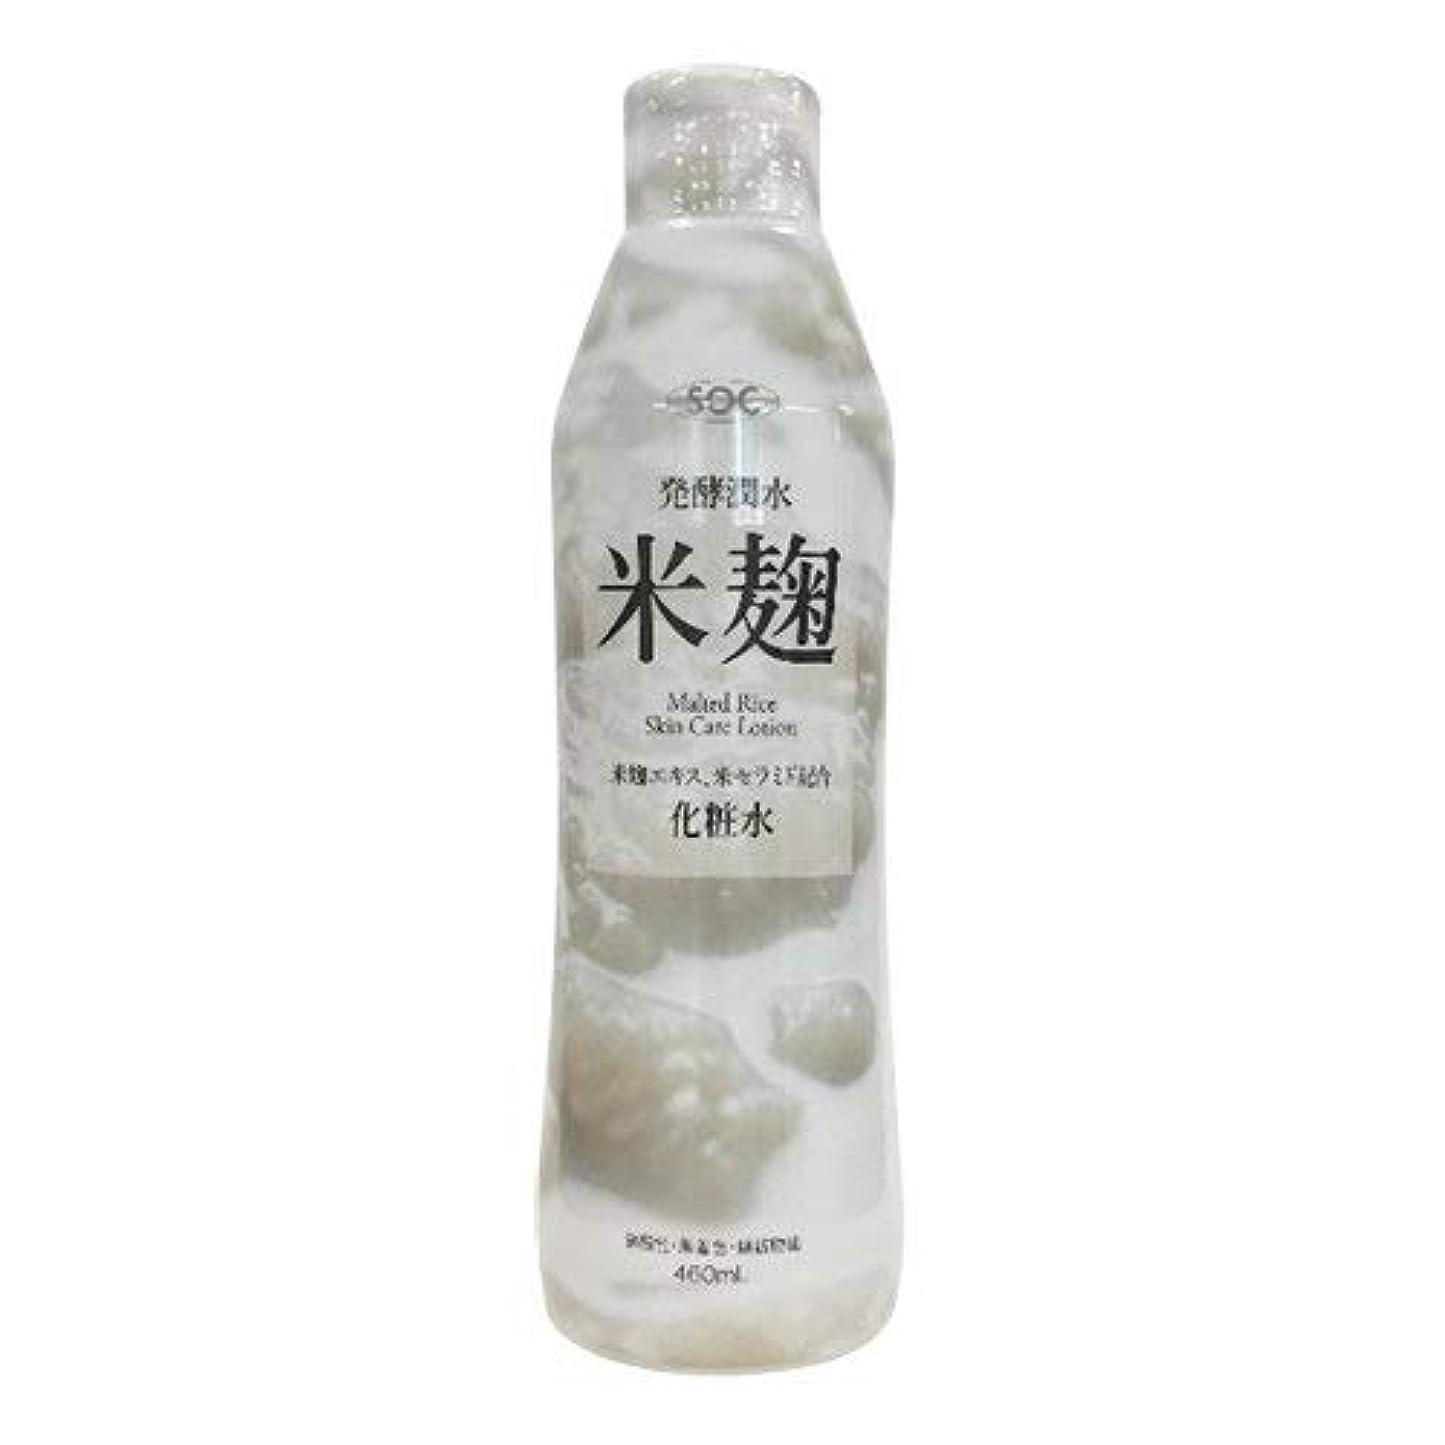 グラマー理論換気SOC米麹配合化粧水 × 5個セット